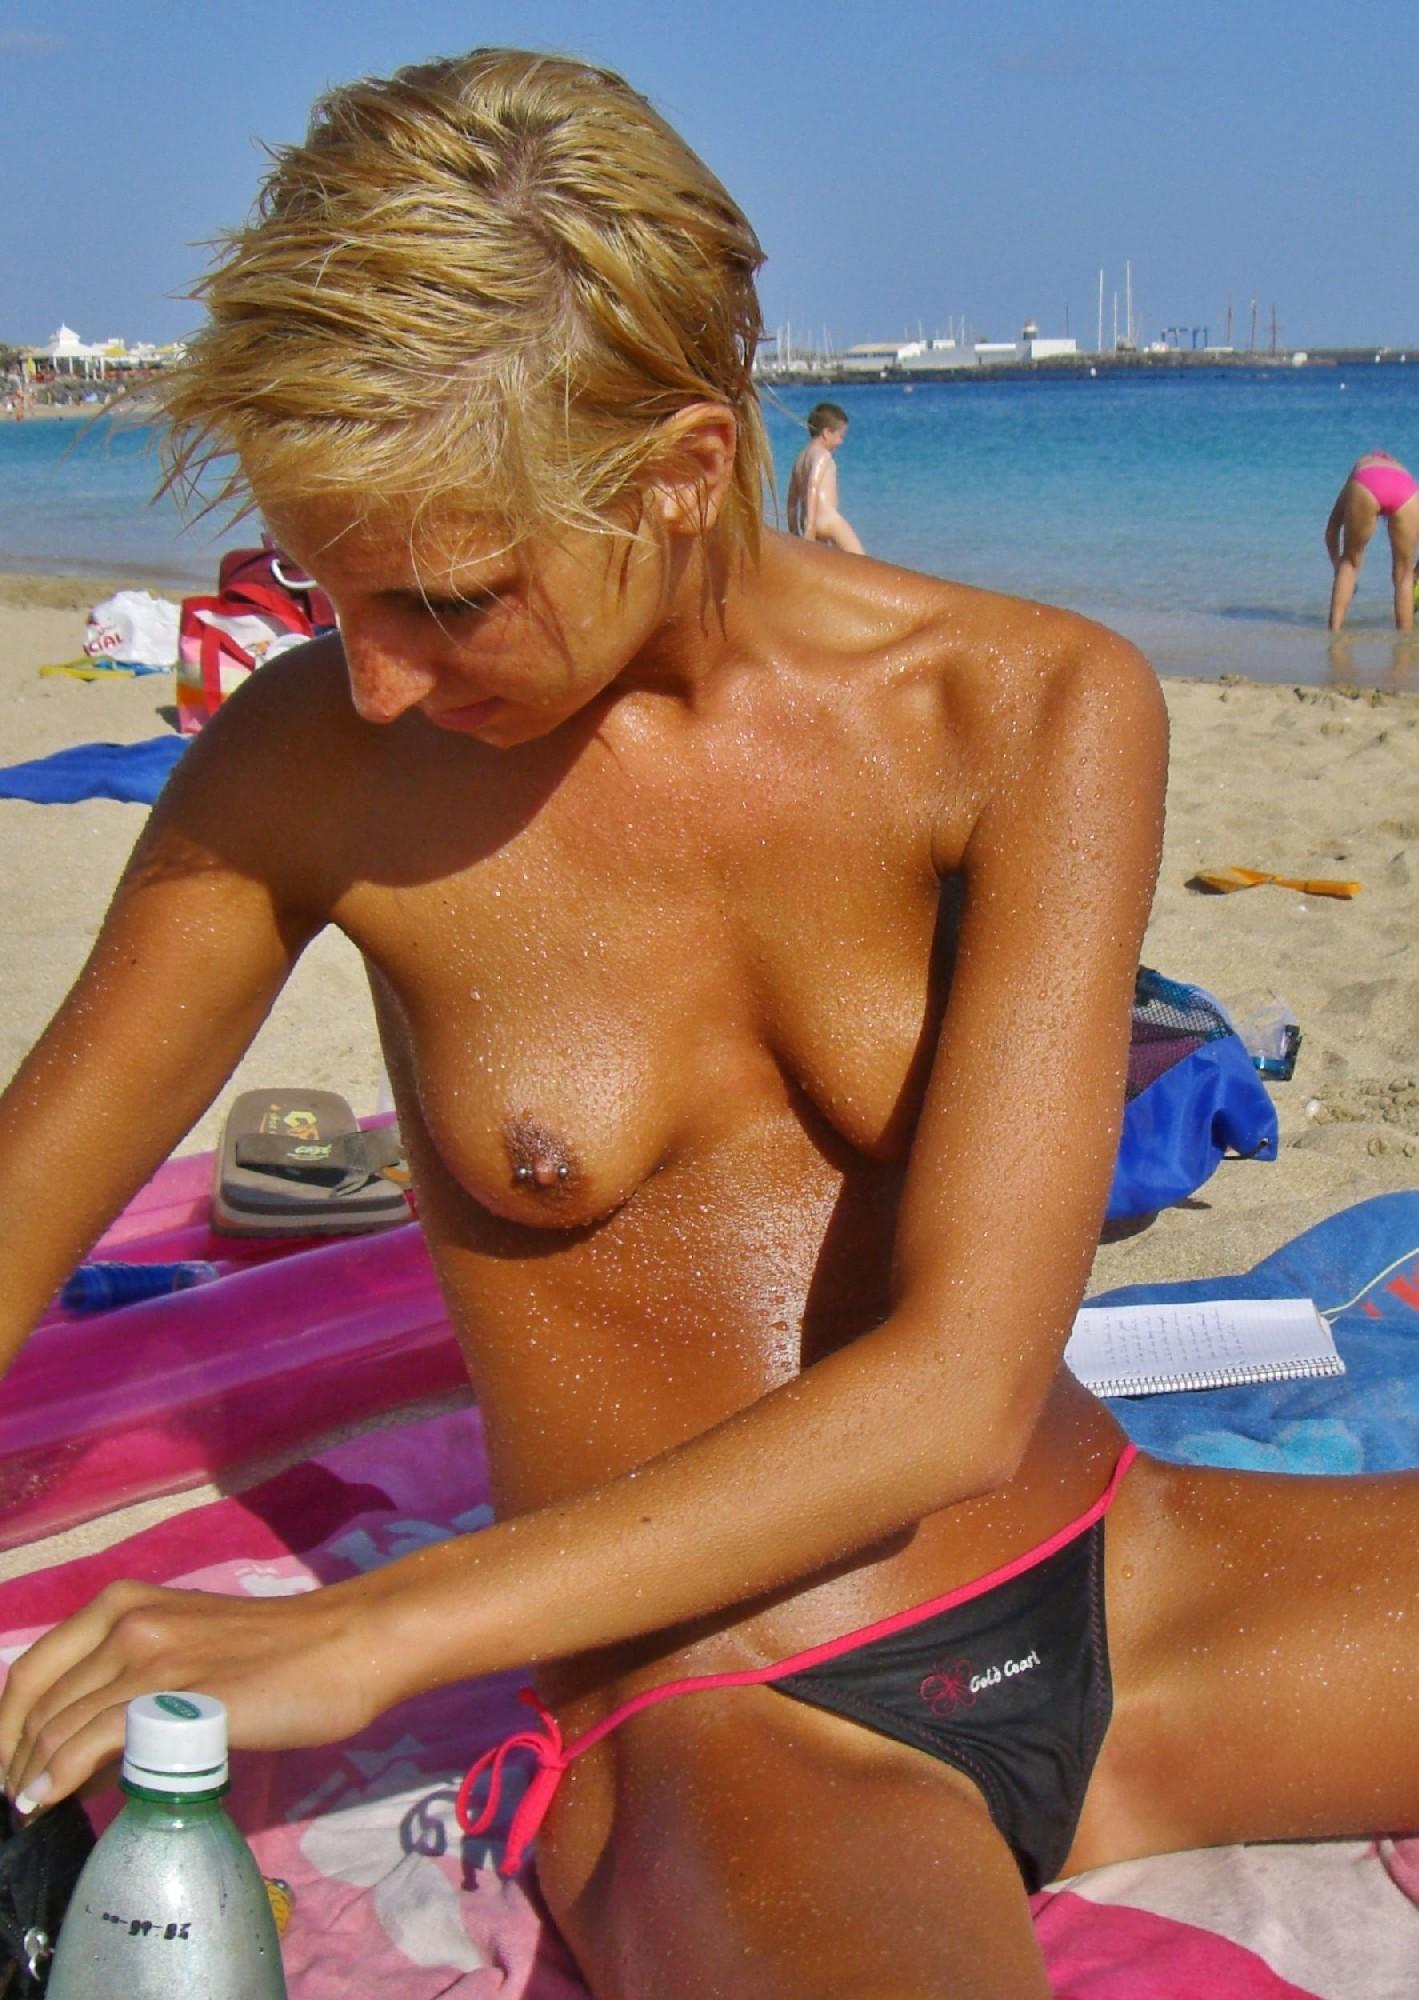 Короткостриженая деваха с пирсингом в письке, откровенно позирует летом